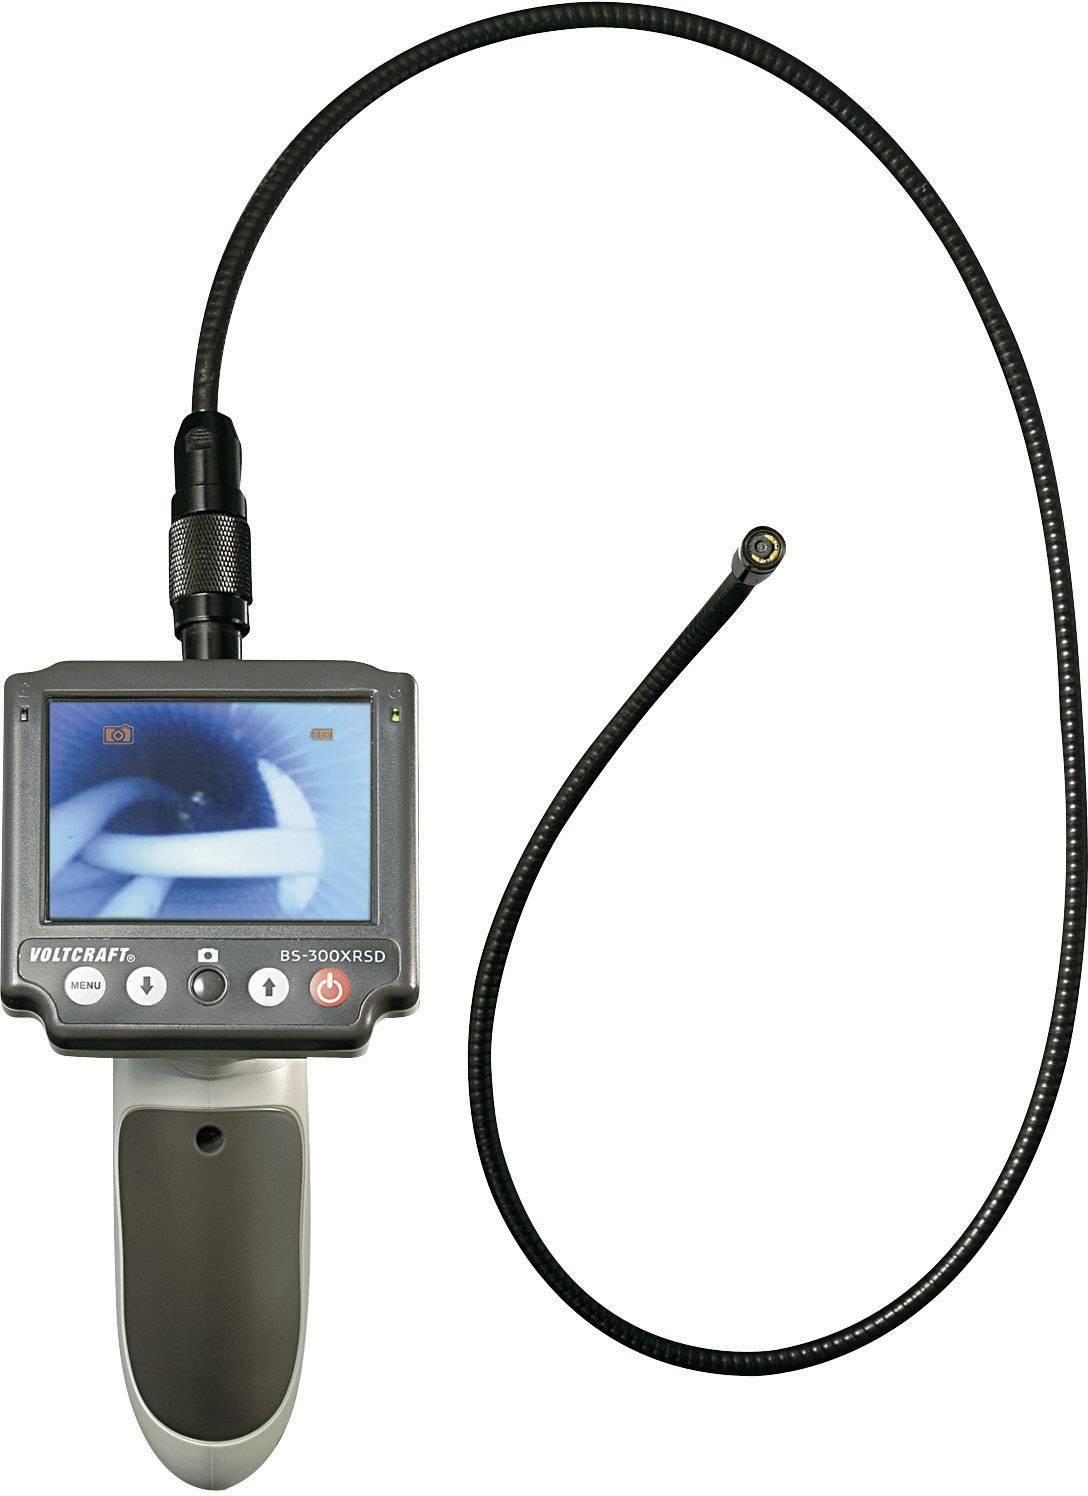 Endoskop s odnímatelným displejem VOLTCRAFT BS-300XRSD, Ø sondy 8 mm, délka sondy 183 cm